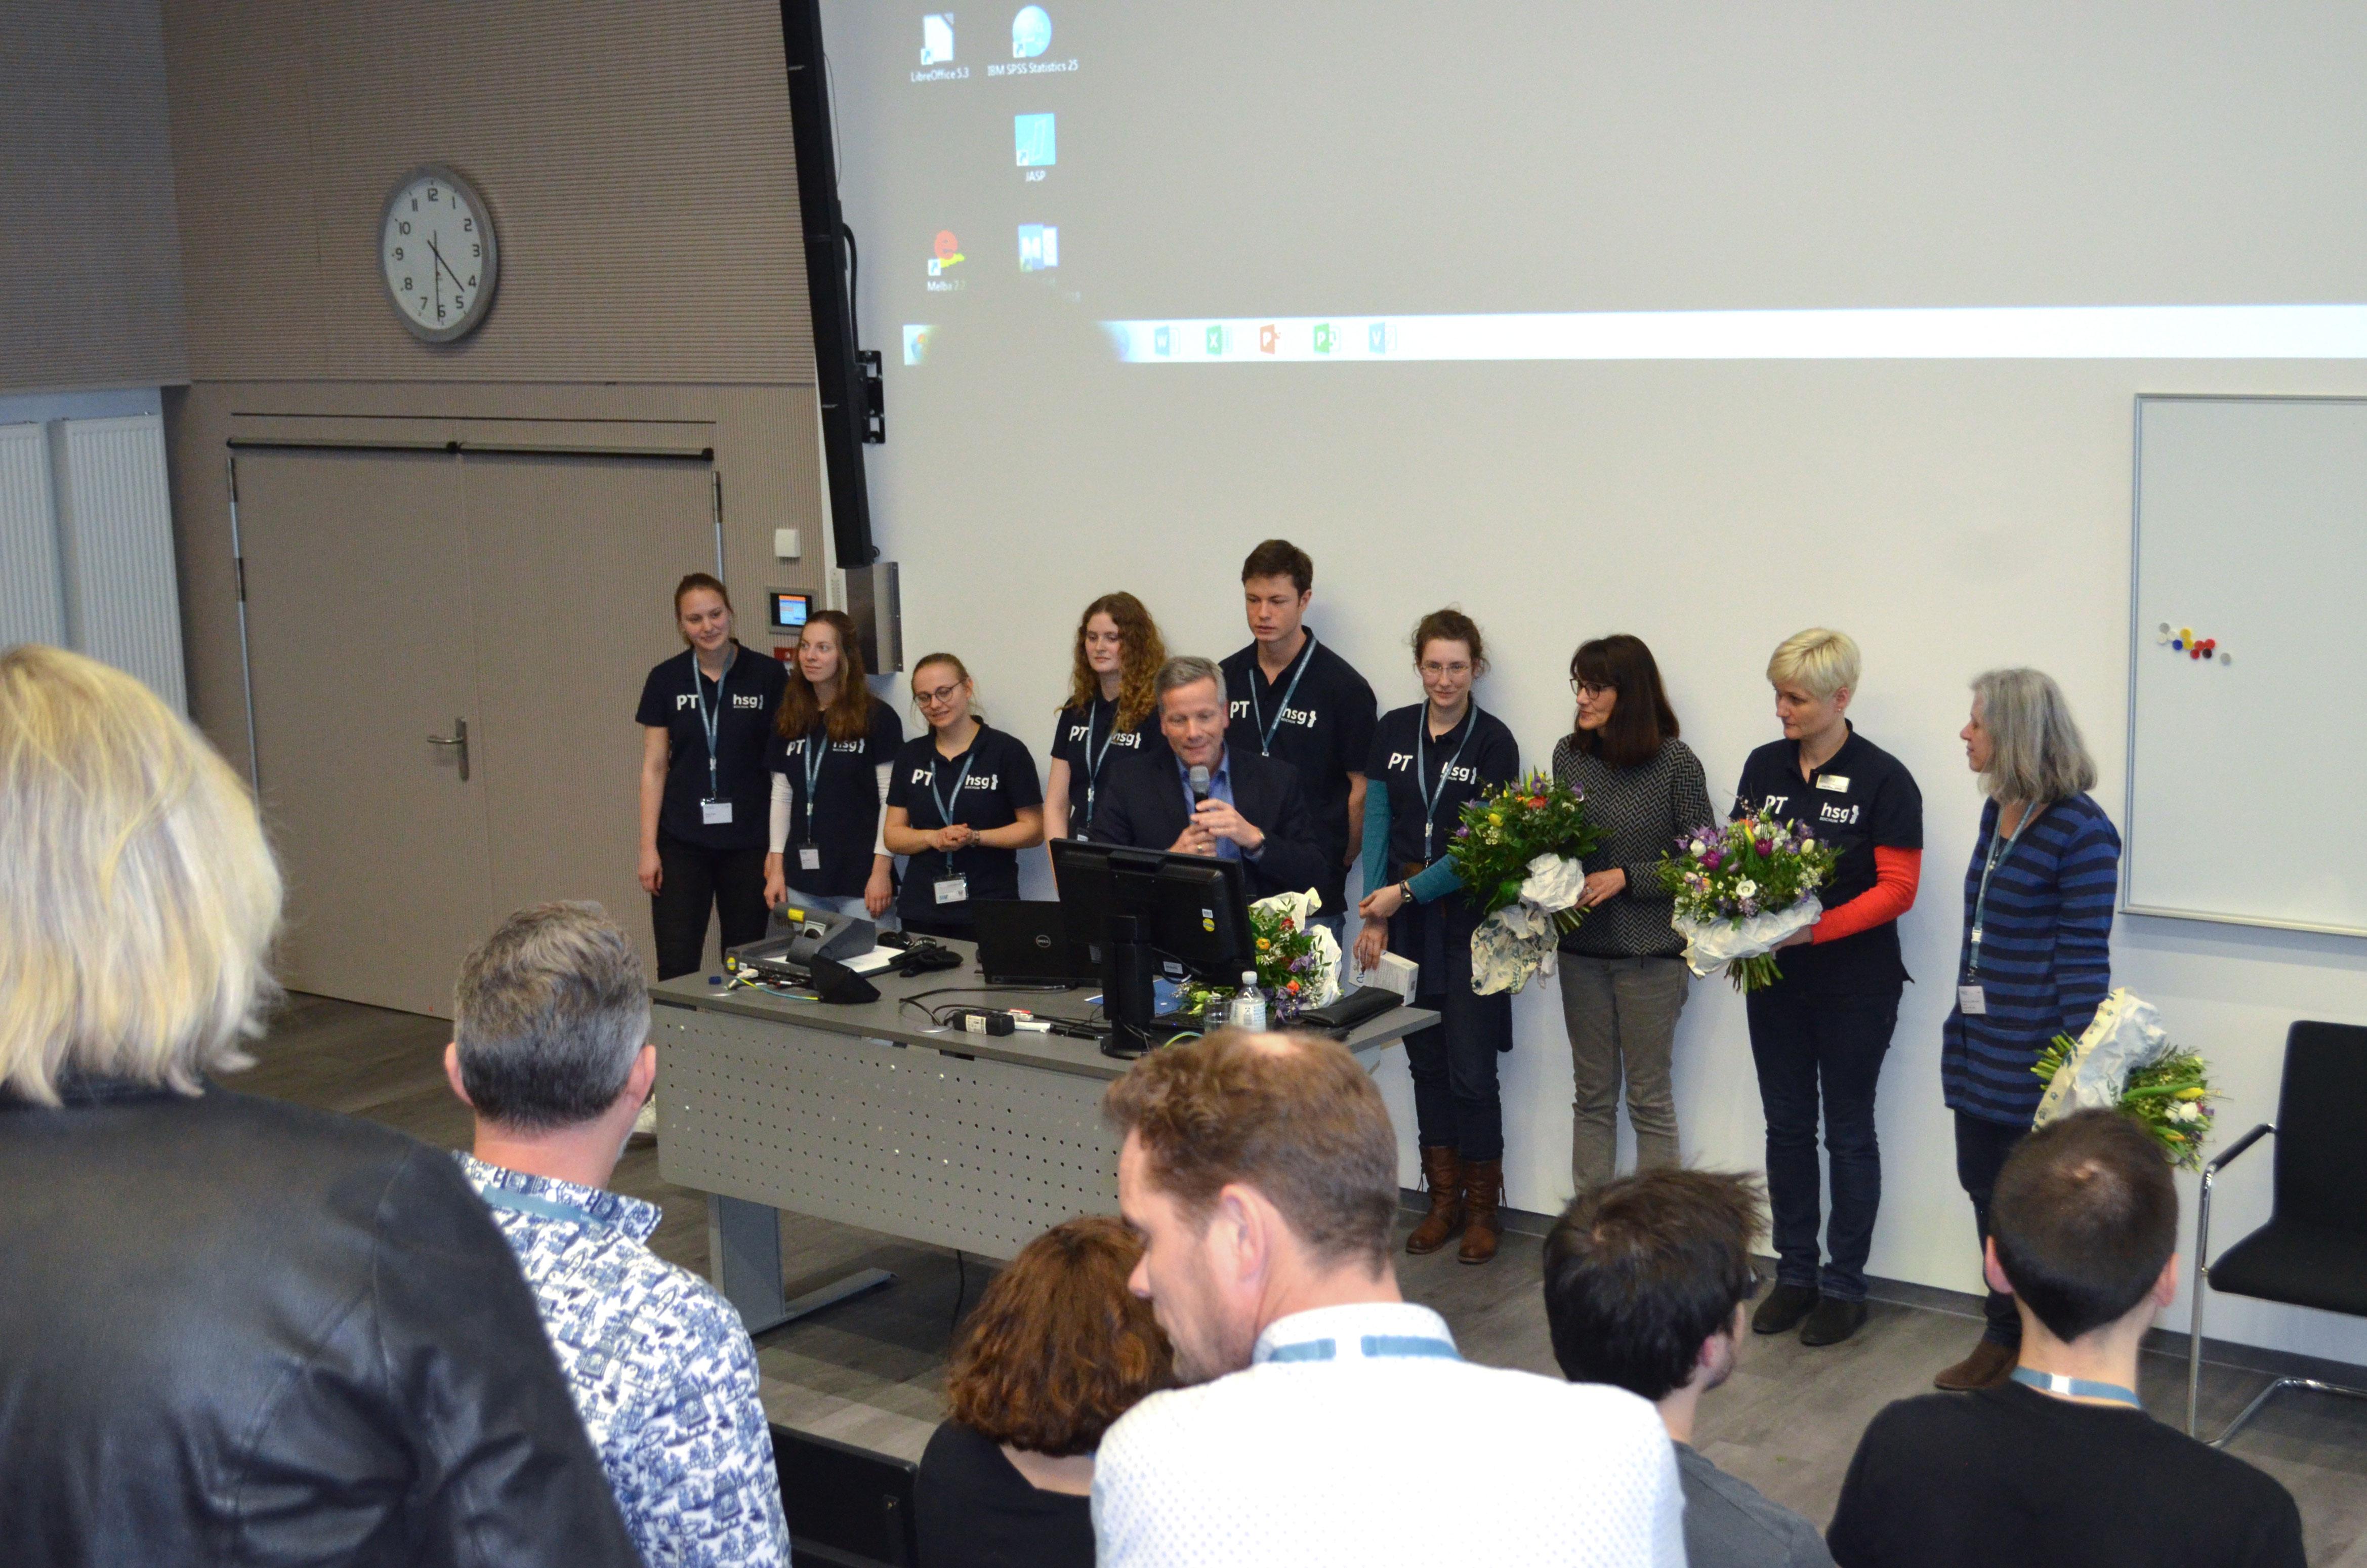 Das ENPHE-Board überreichte dem hsg-Team Blumen. Fotos: hsg Bochum